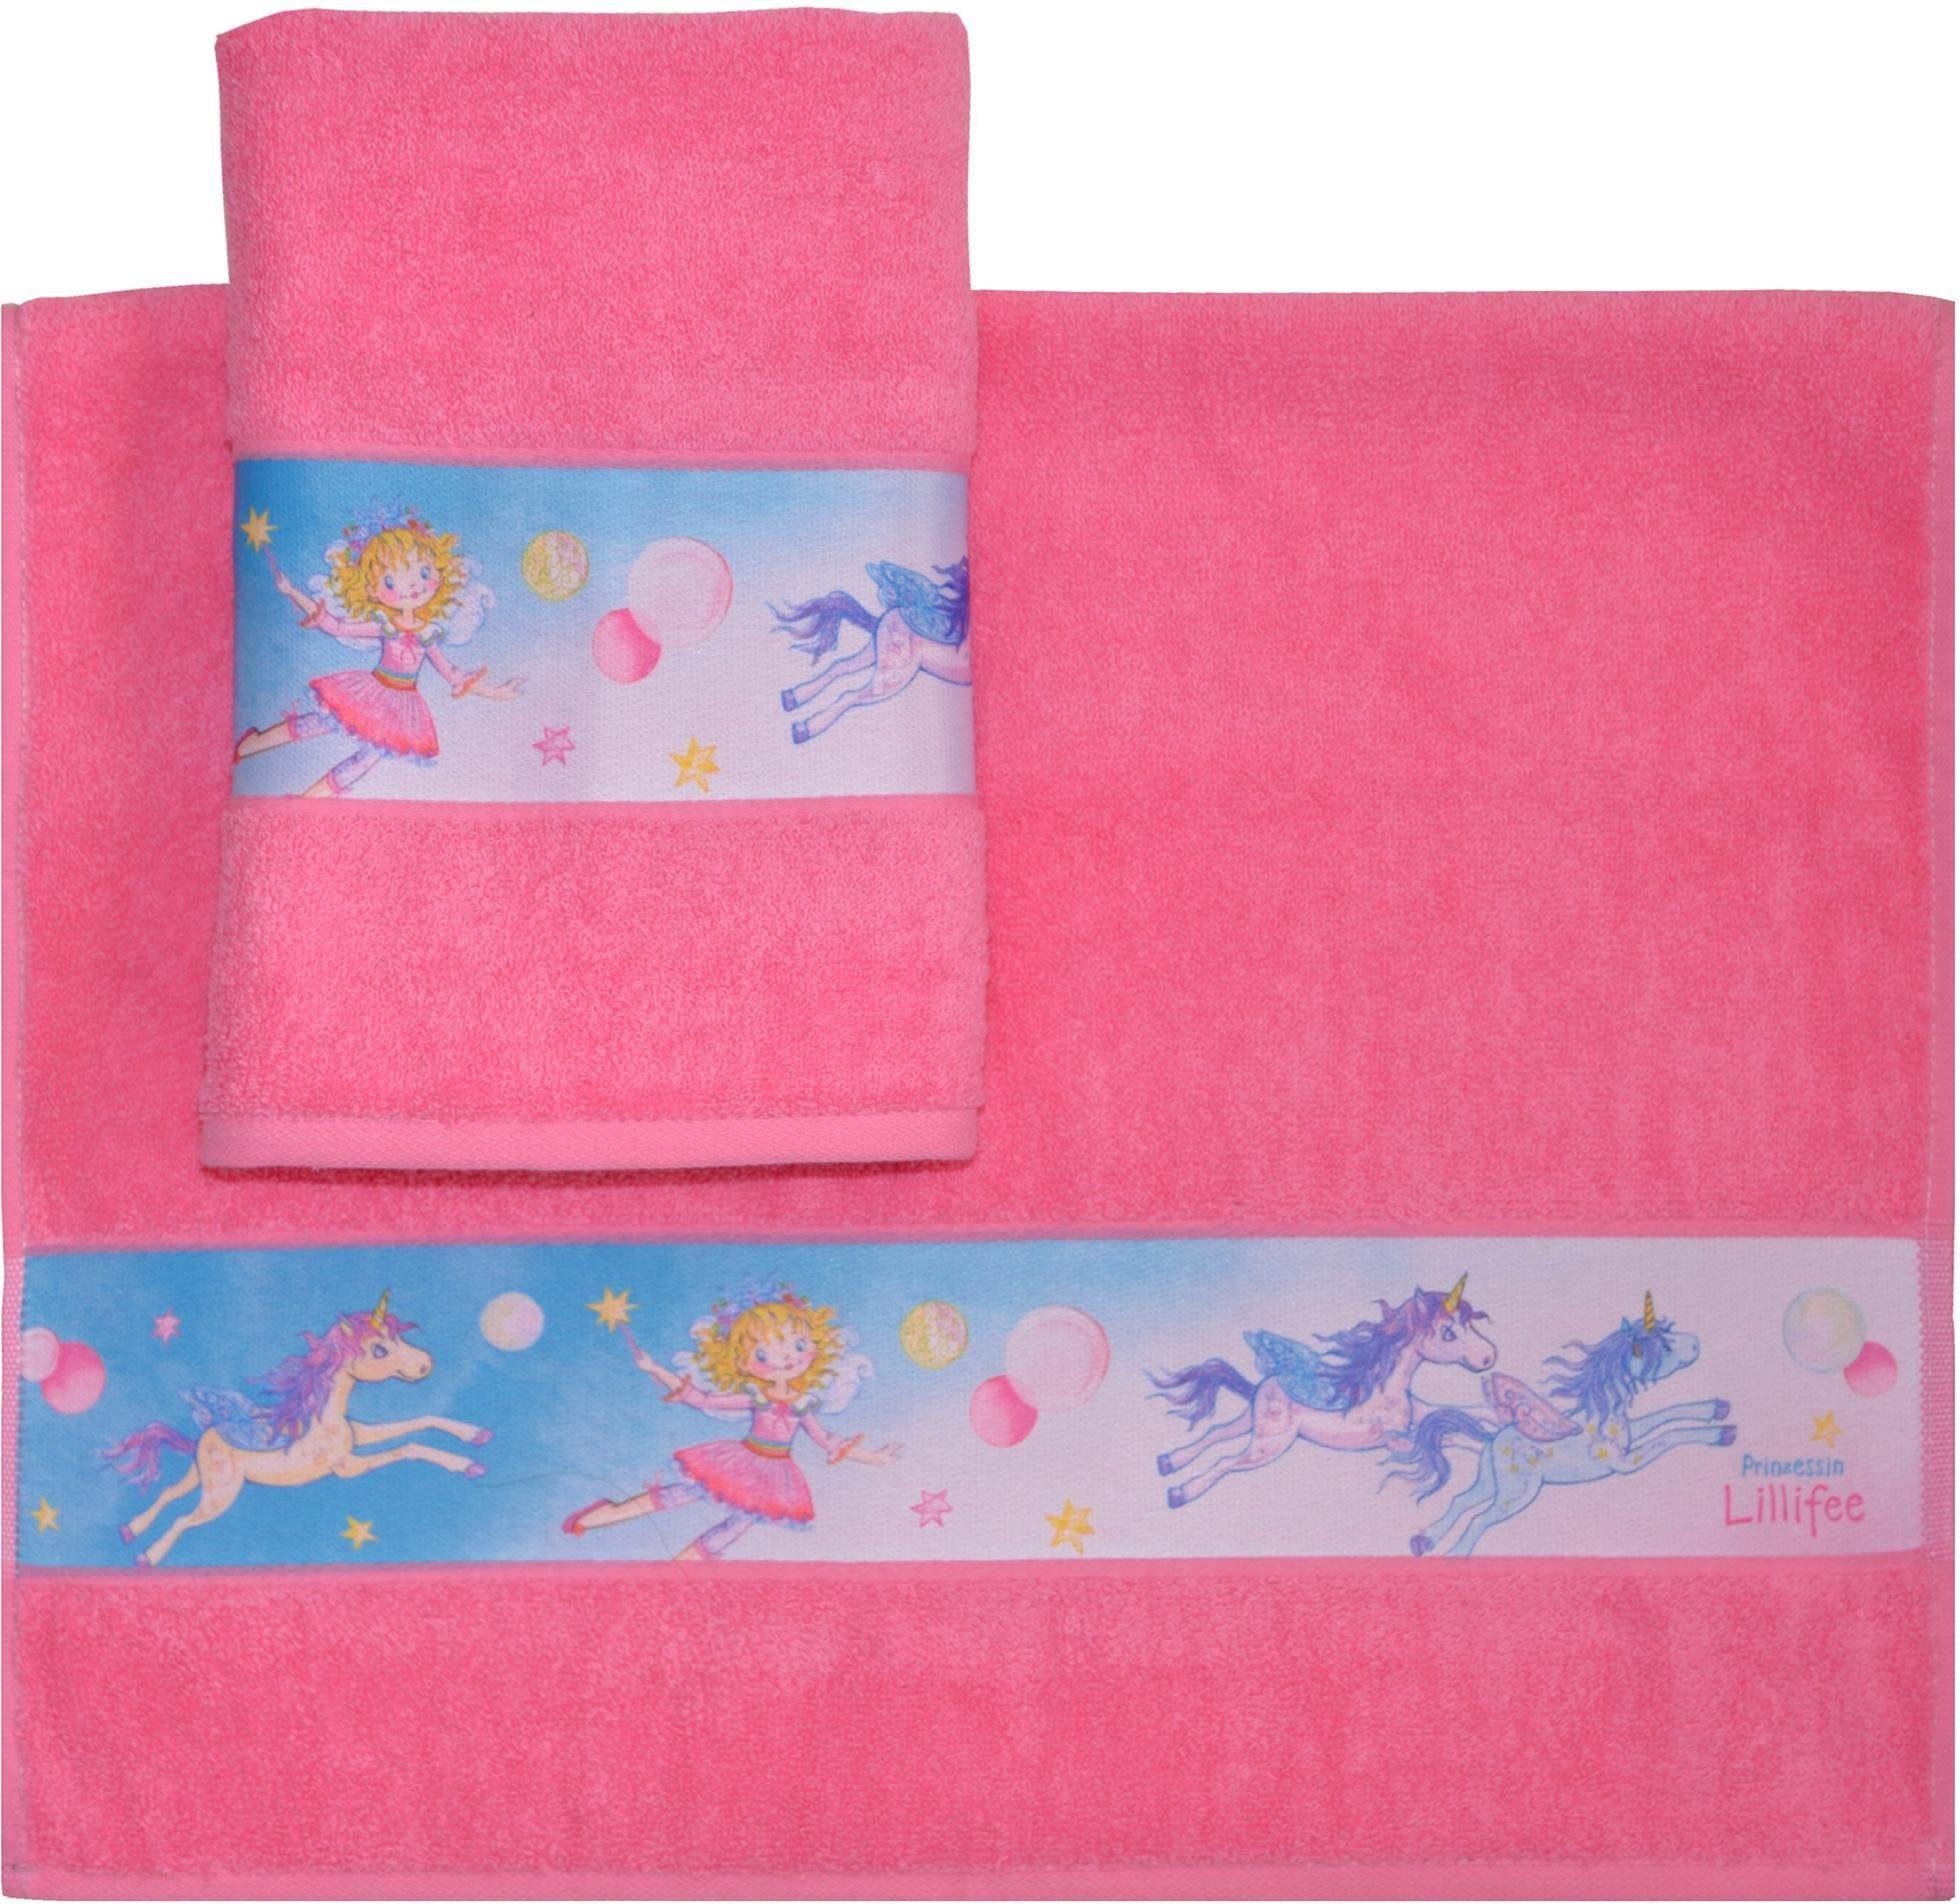 Handtücher »Lillifee«, Prinzessin Lillifee, mit kindlichen Motiven